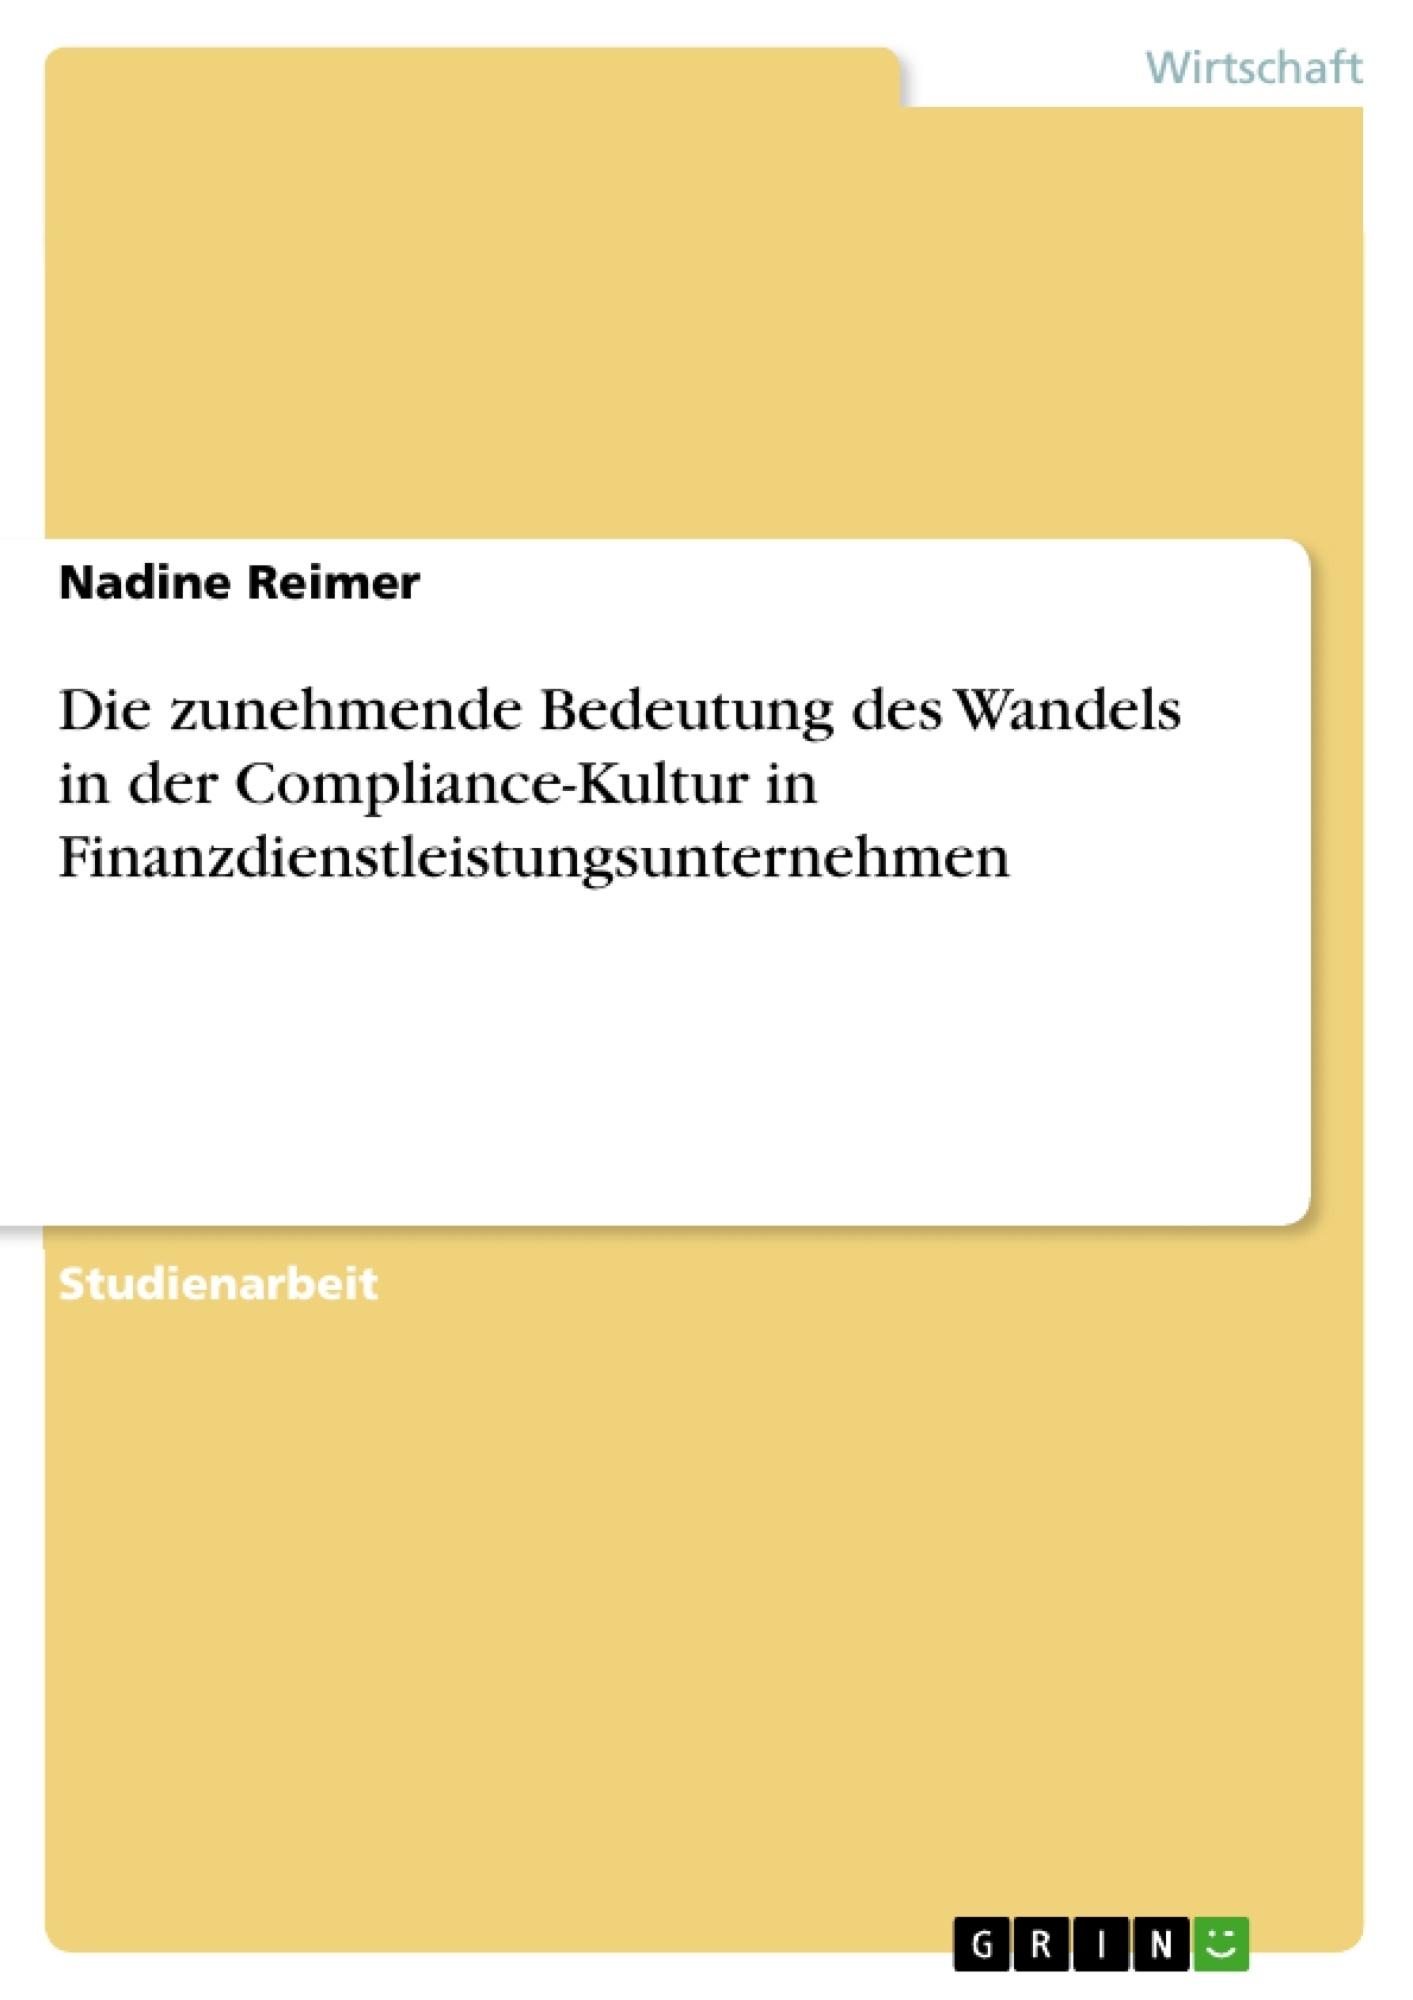 Titel: Die zunehmende Bedeutung des Wandels in der Compliance-Kultur in Finanzdienstleistungsunternehmen